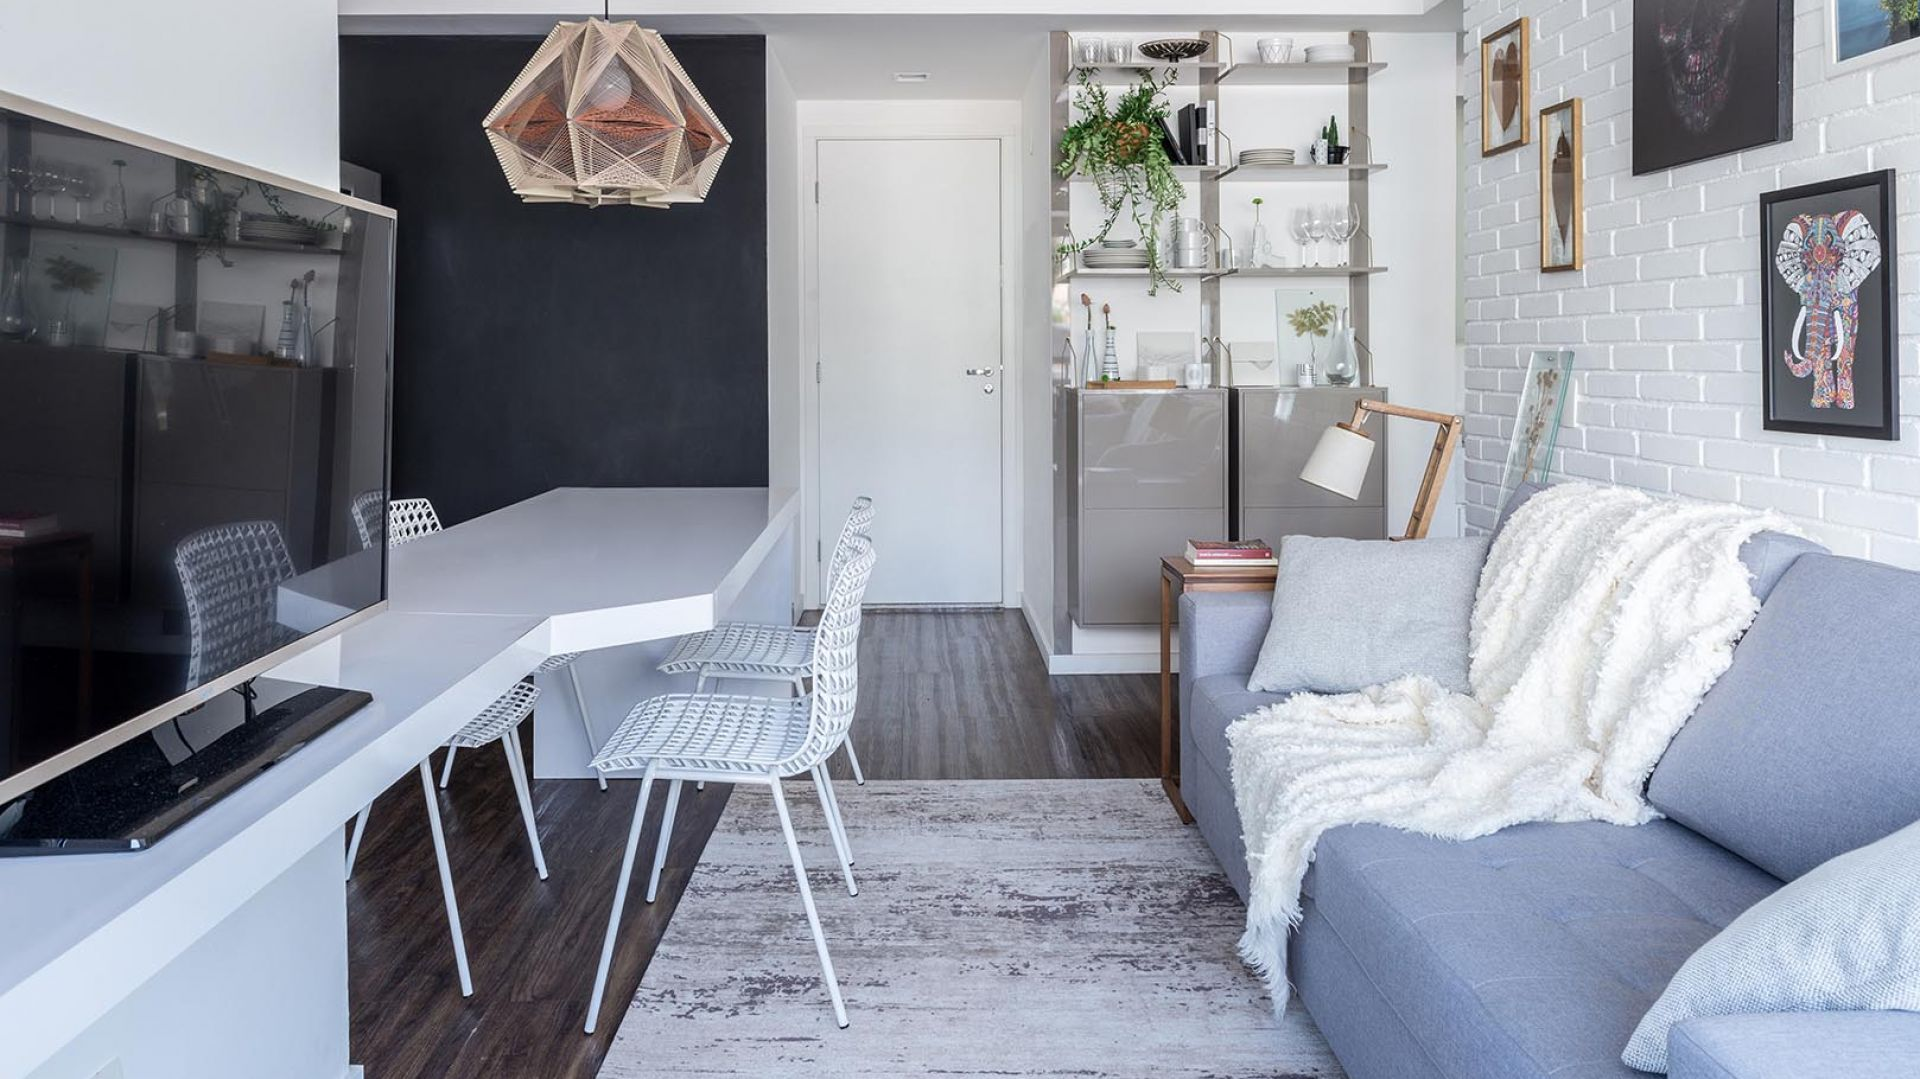 Mieszkanie o pow. 45 m2 ma część dzienną połączoną z kuchnią Projekt: Momba Arquitetura, Argentyna. Zdjęcia: Guilherme Pucci